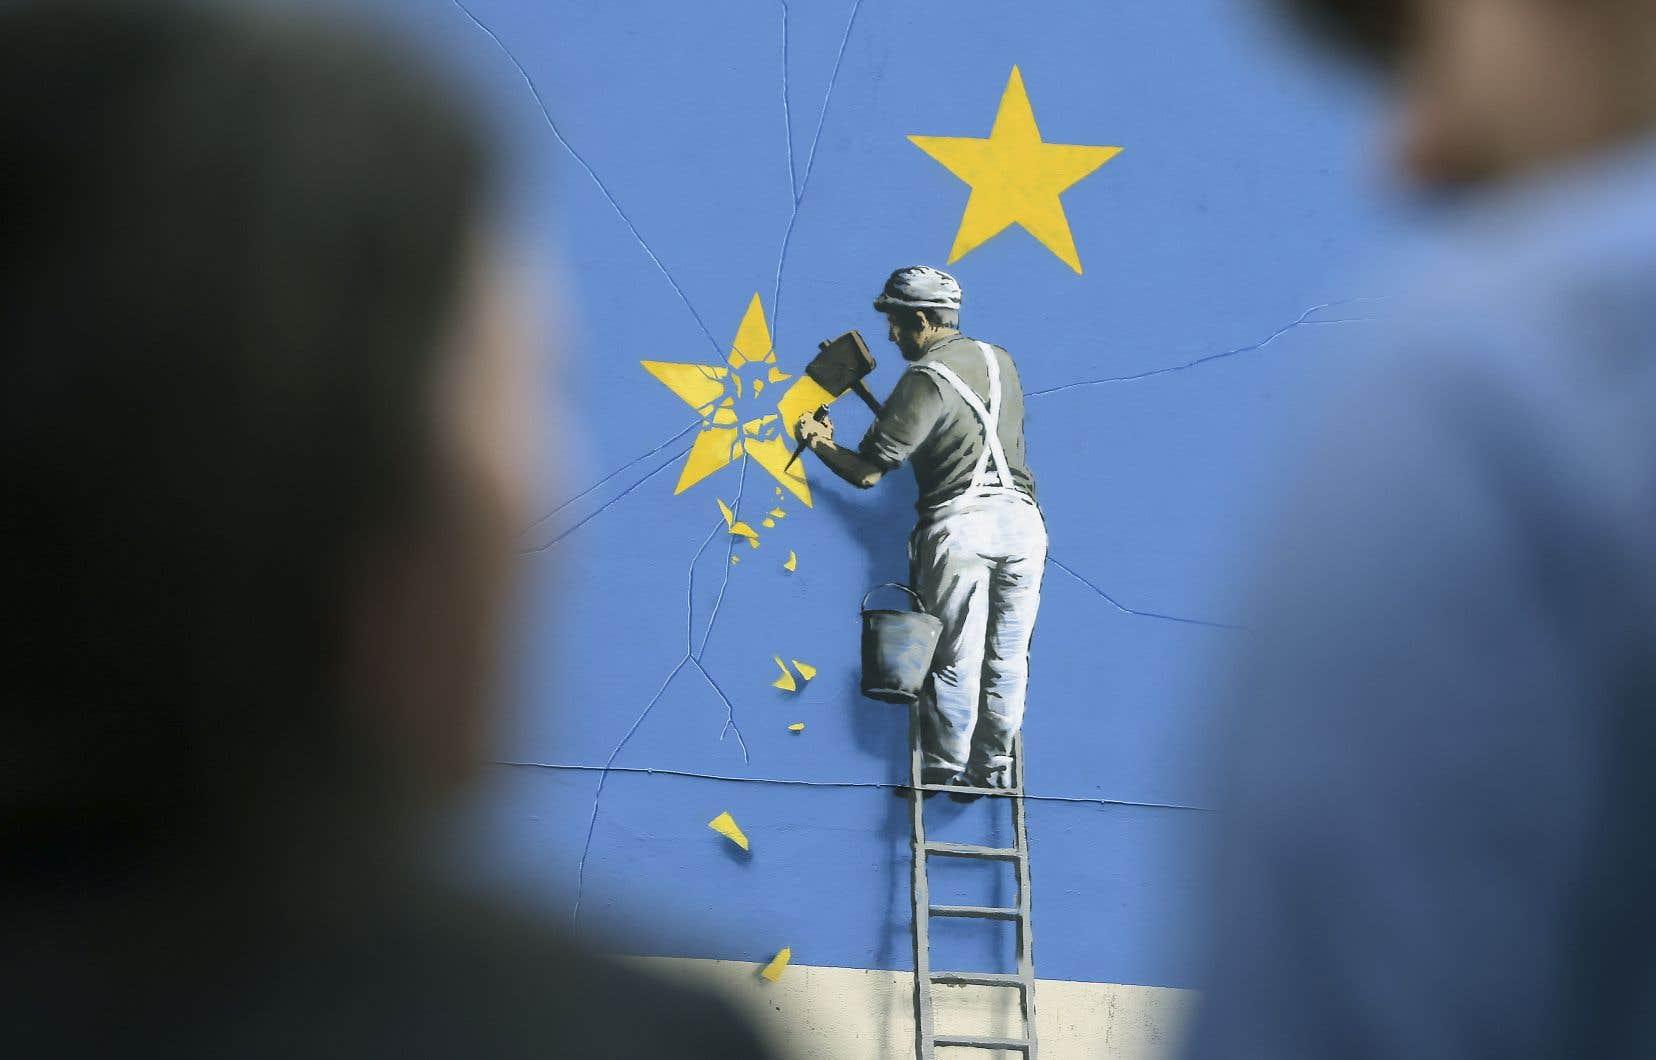 À Douvres, au Royaume-Uni, une murale de l'artiste Banksy montre un travailleur qui taille une étoile de l'Union européenne.